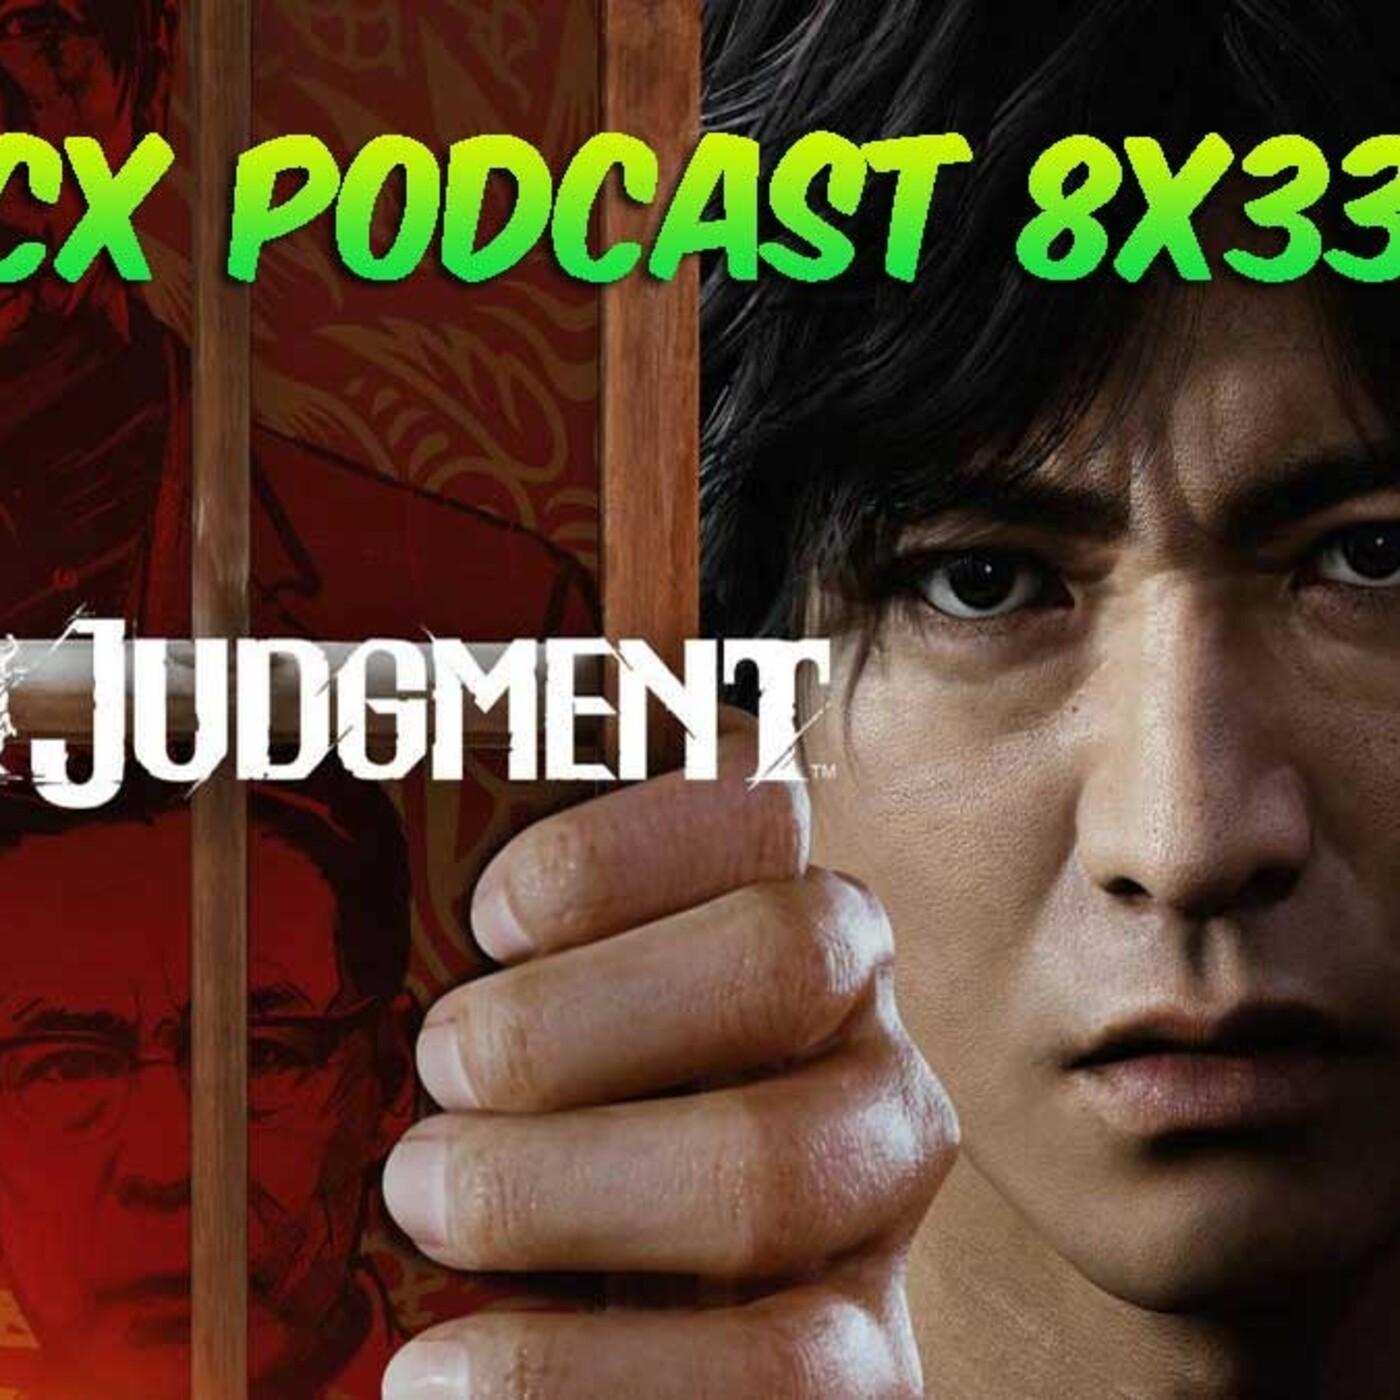 CX Podcast 8x33 I Lost Judgment, Psychonauts 2, E3 2021...